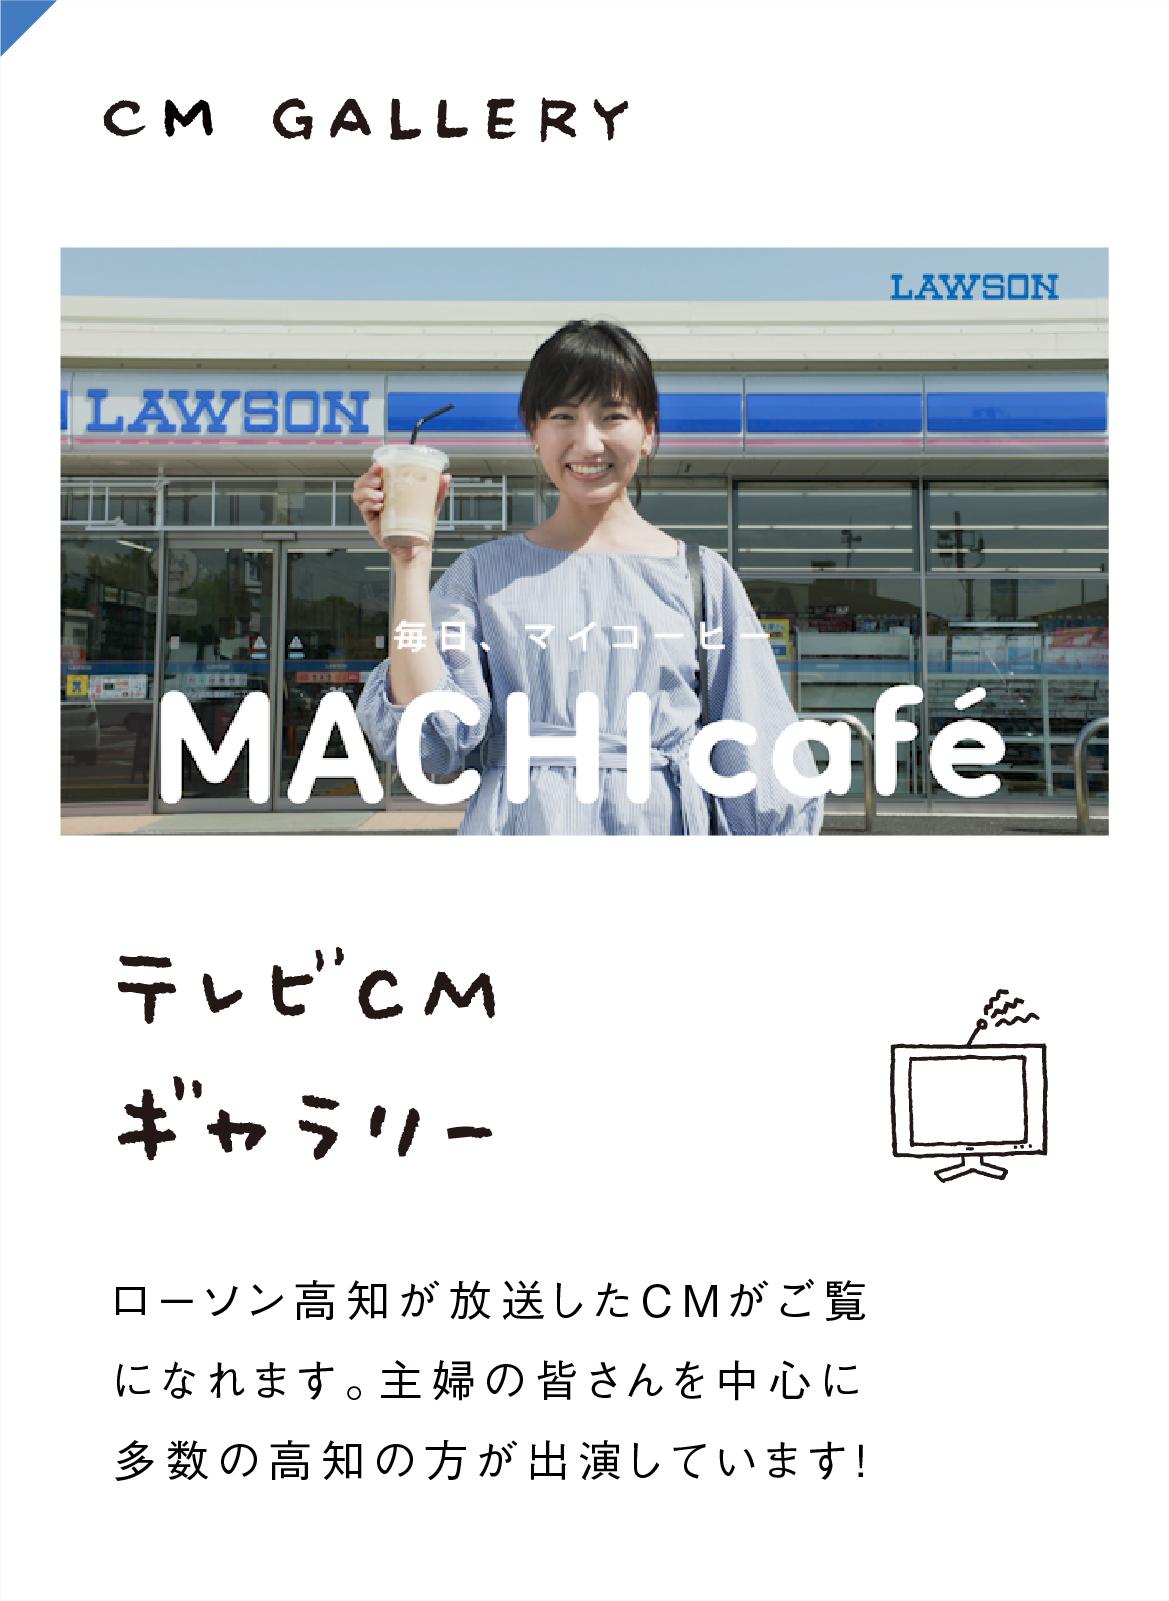 テレビCMギャラリー